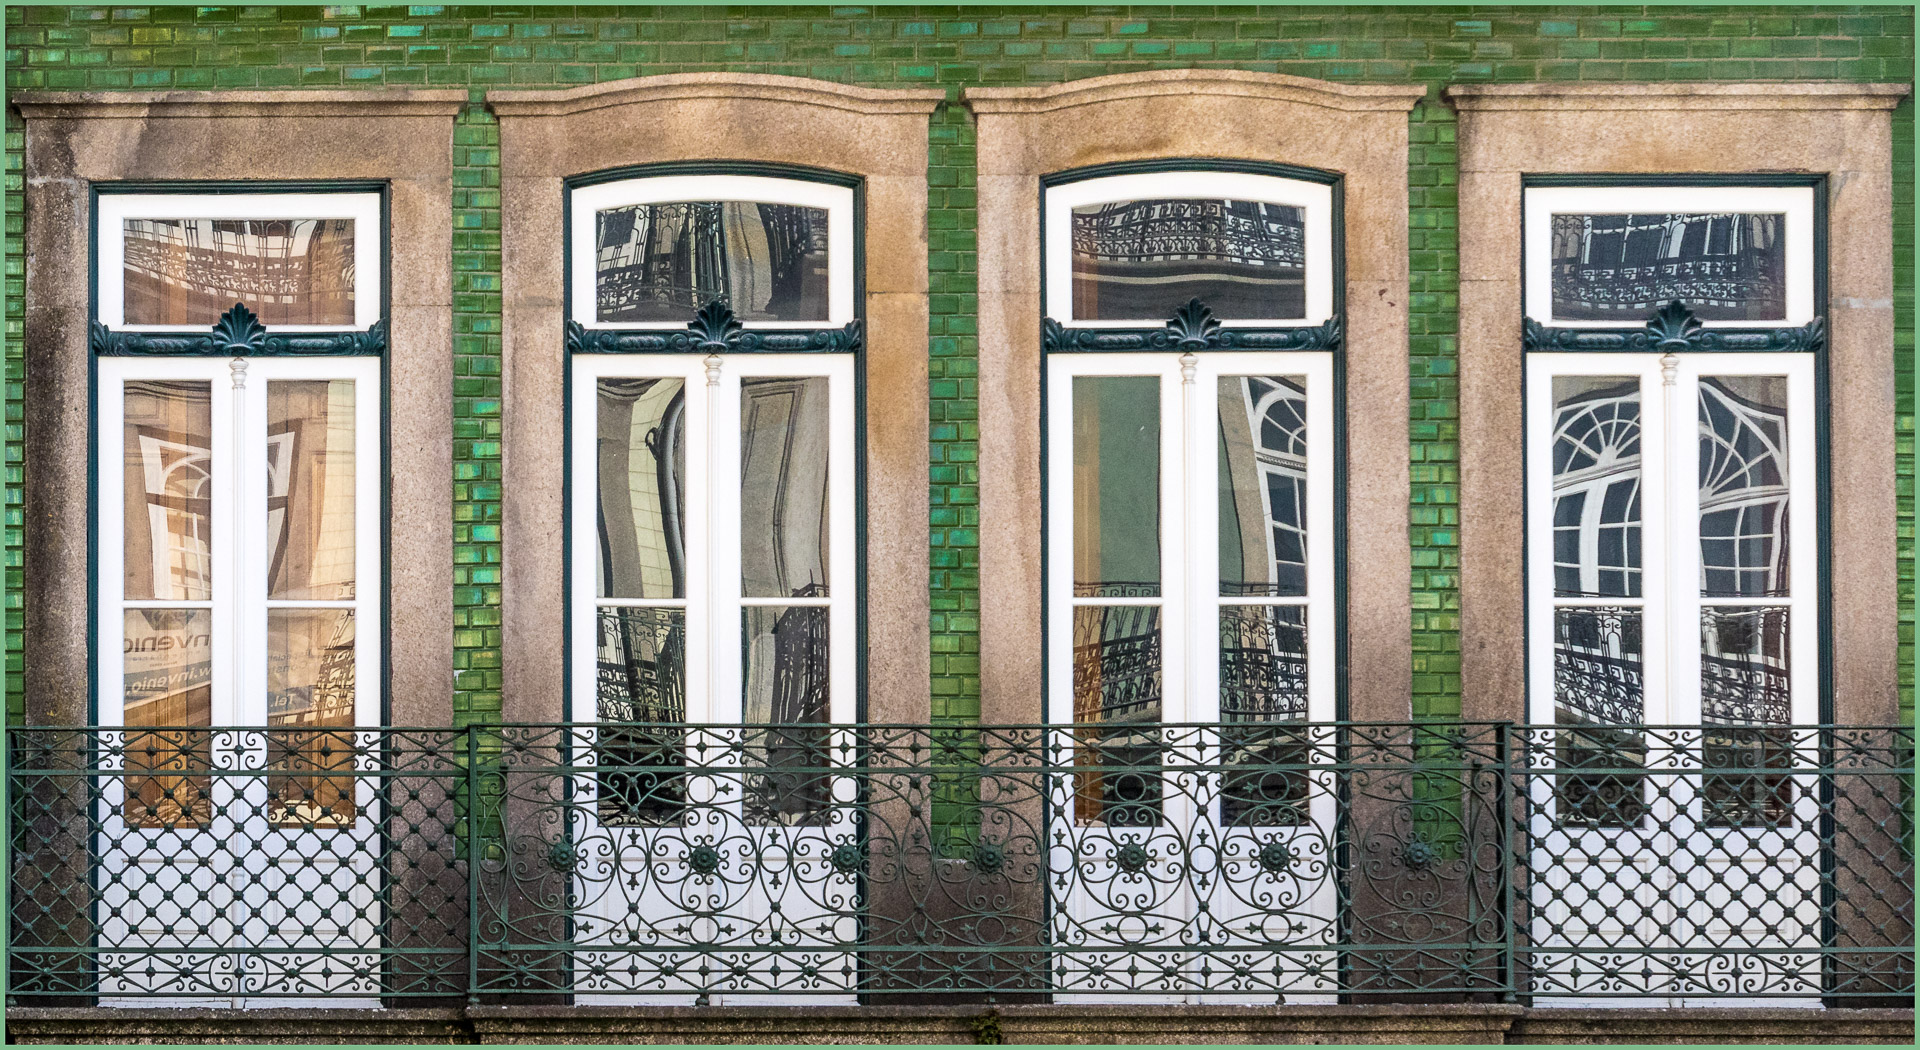 Architecture_WindowsAndDoors_ElizabethRiley_ABGr_Merit